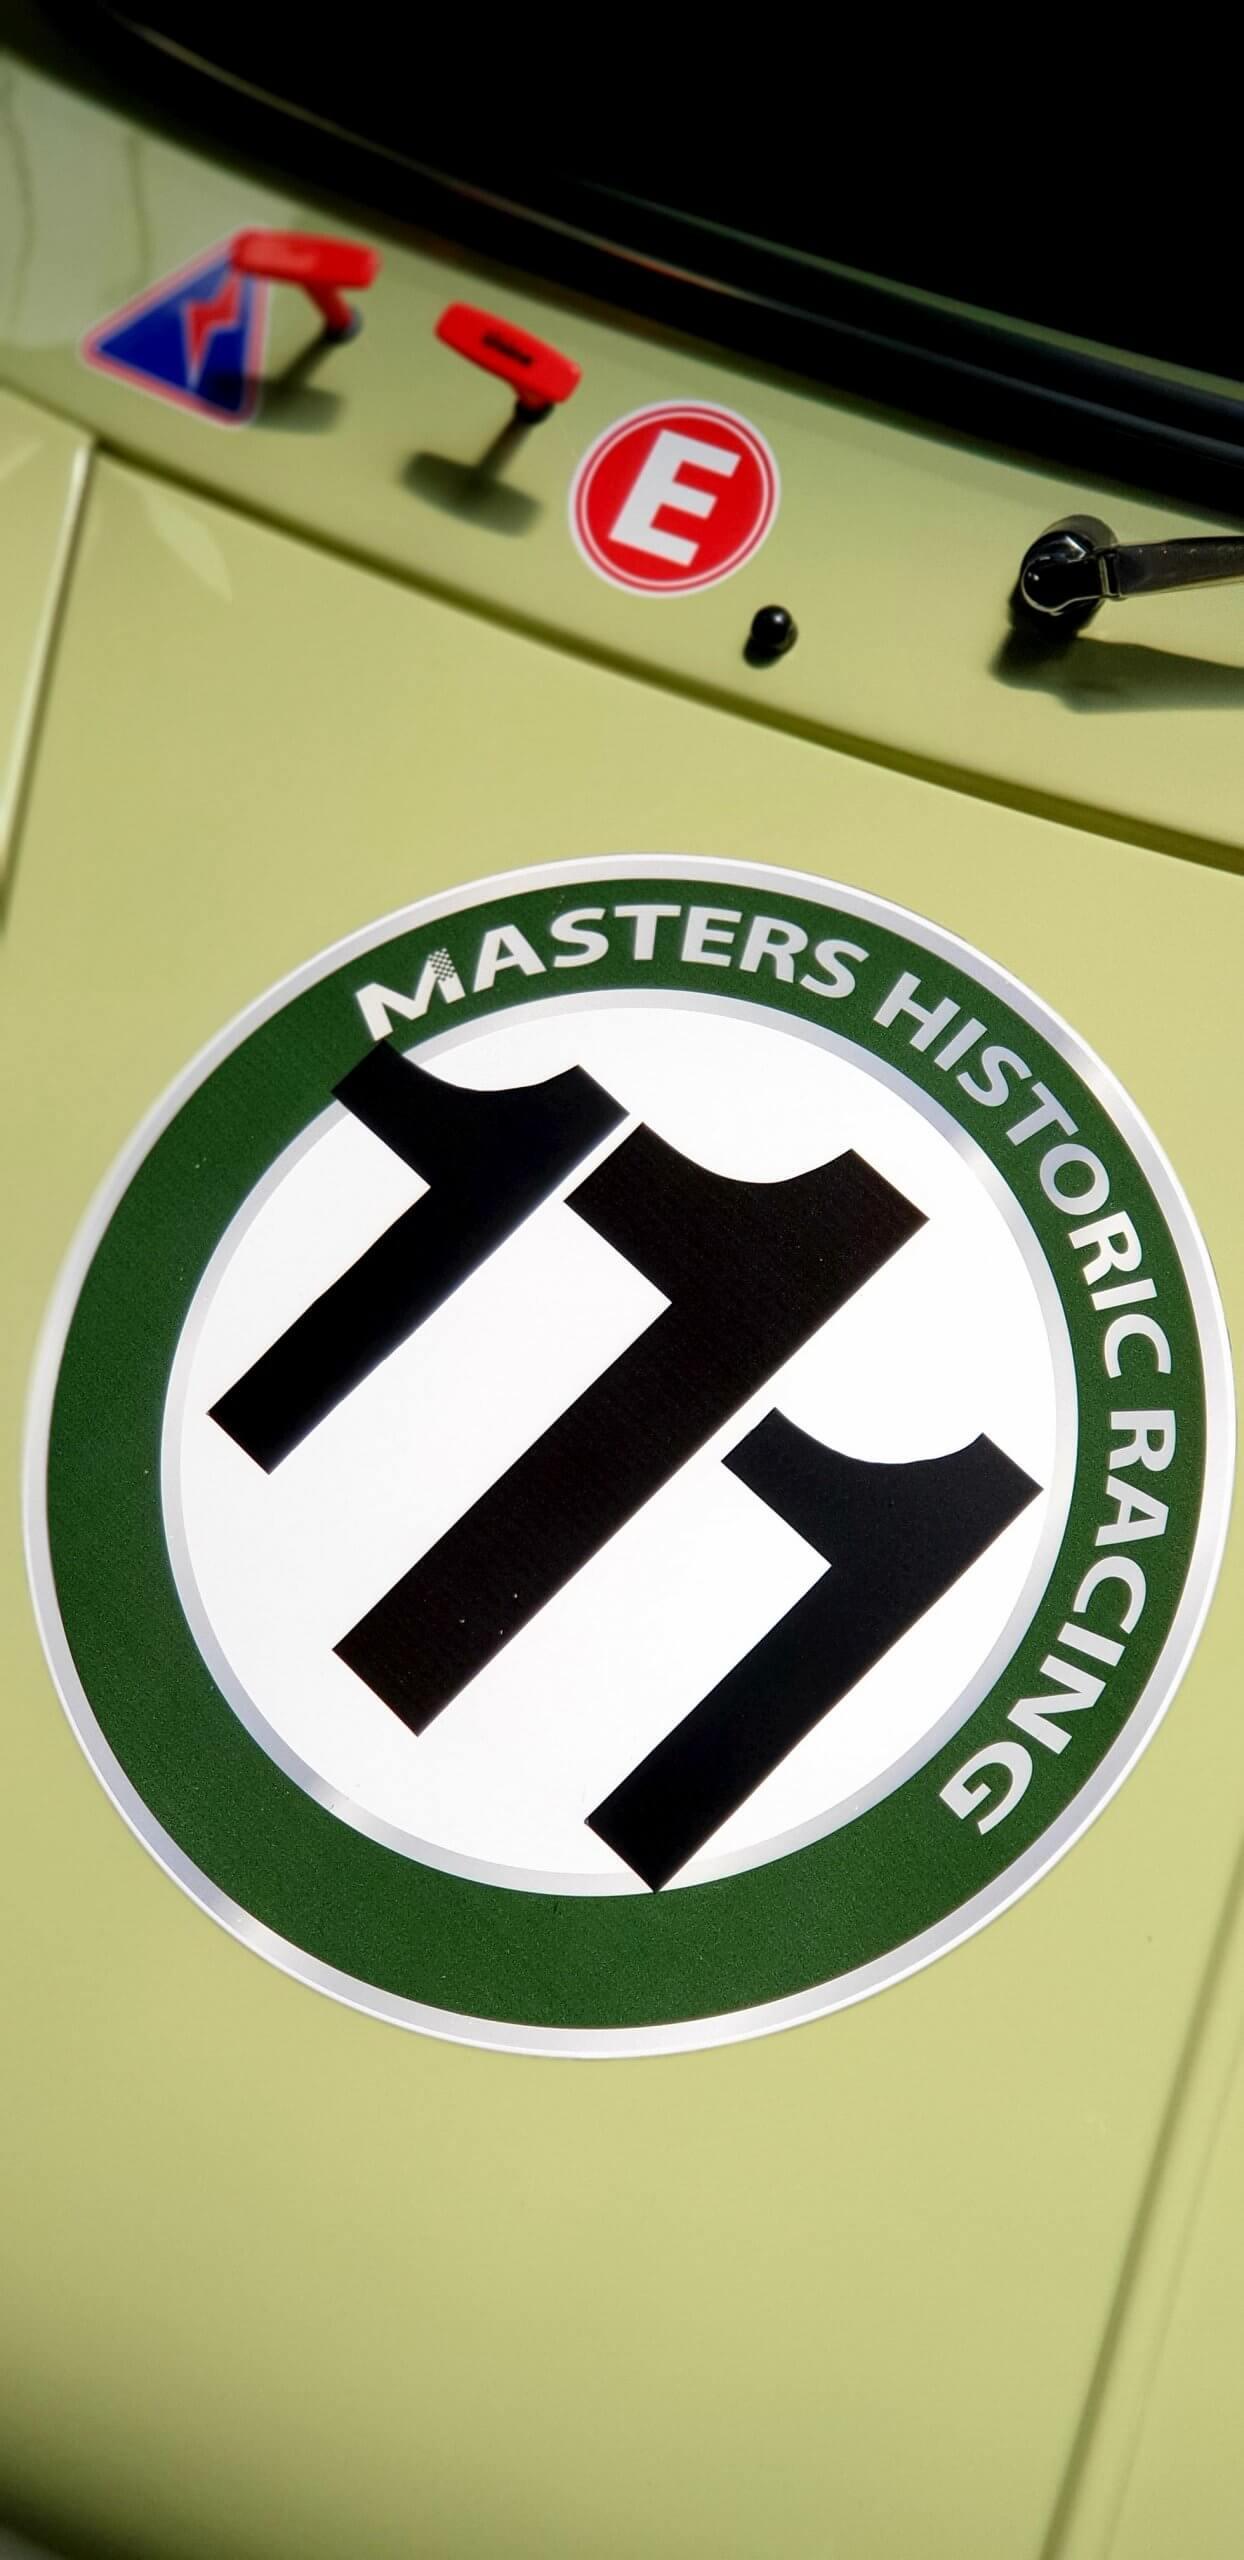 Austin Mini, Masters Historic Racing - Course automobile de voitures anciennes